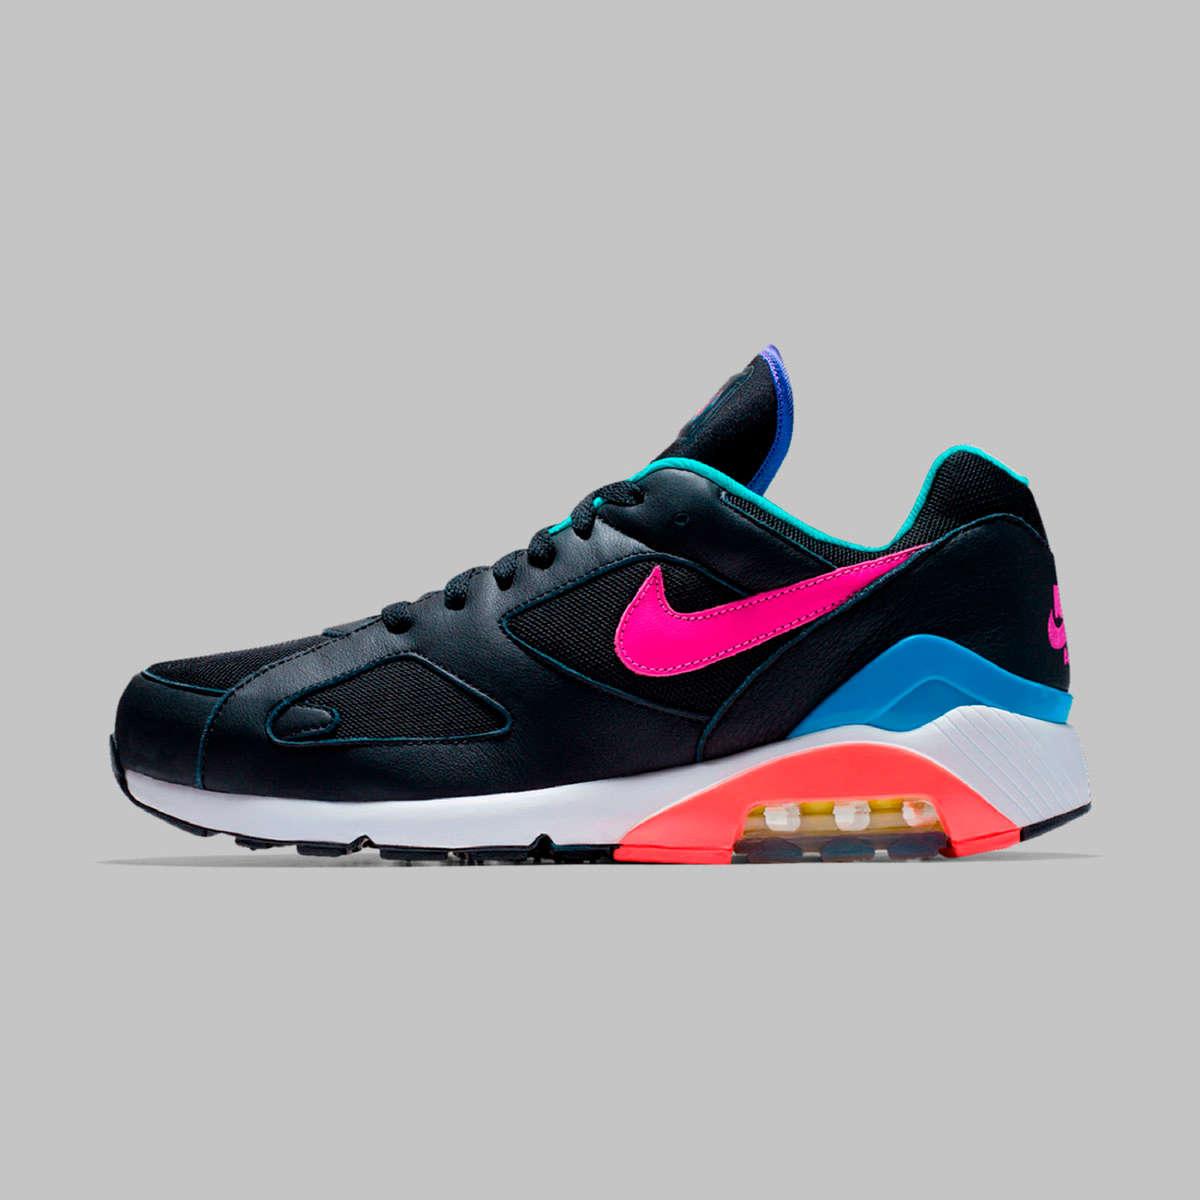 7162beac4 Nike La Florida Av. Vicuña Mackenna #7110 - descuentos y horarios.